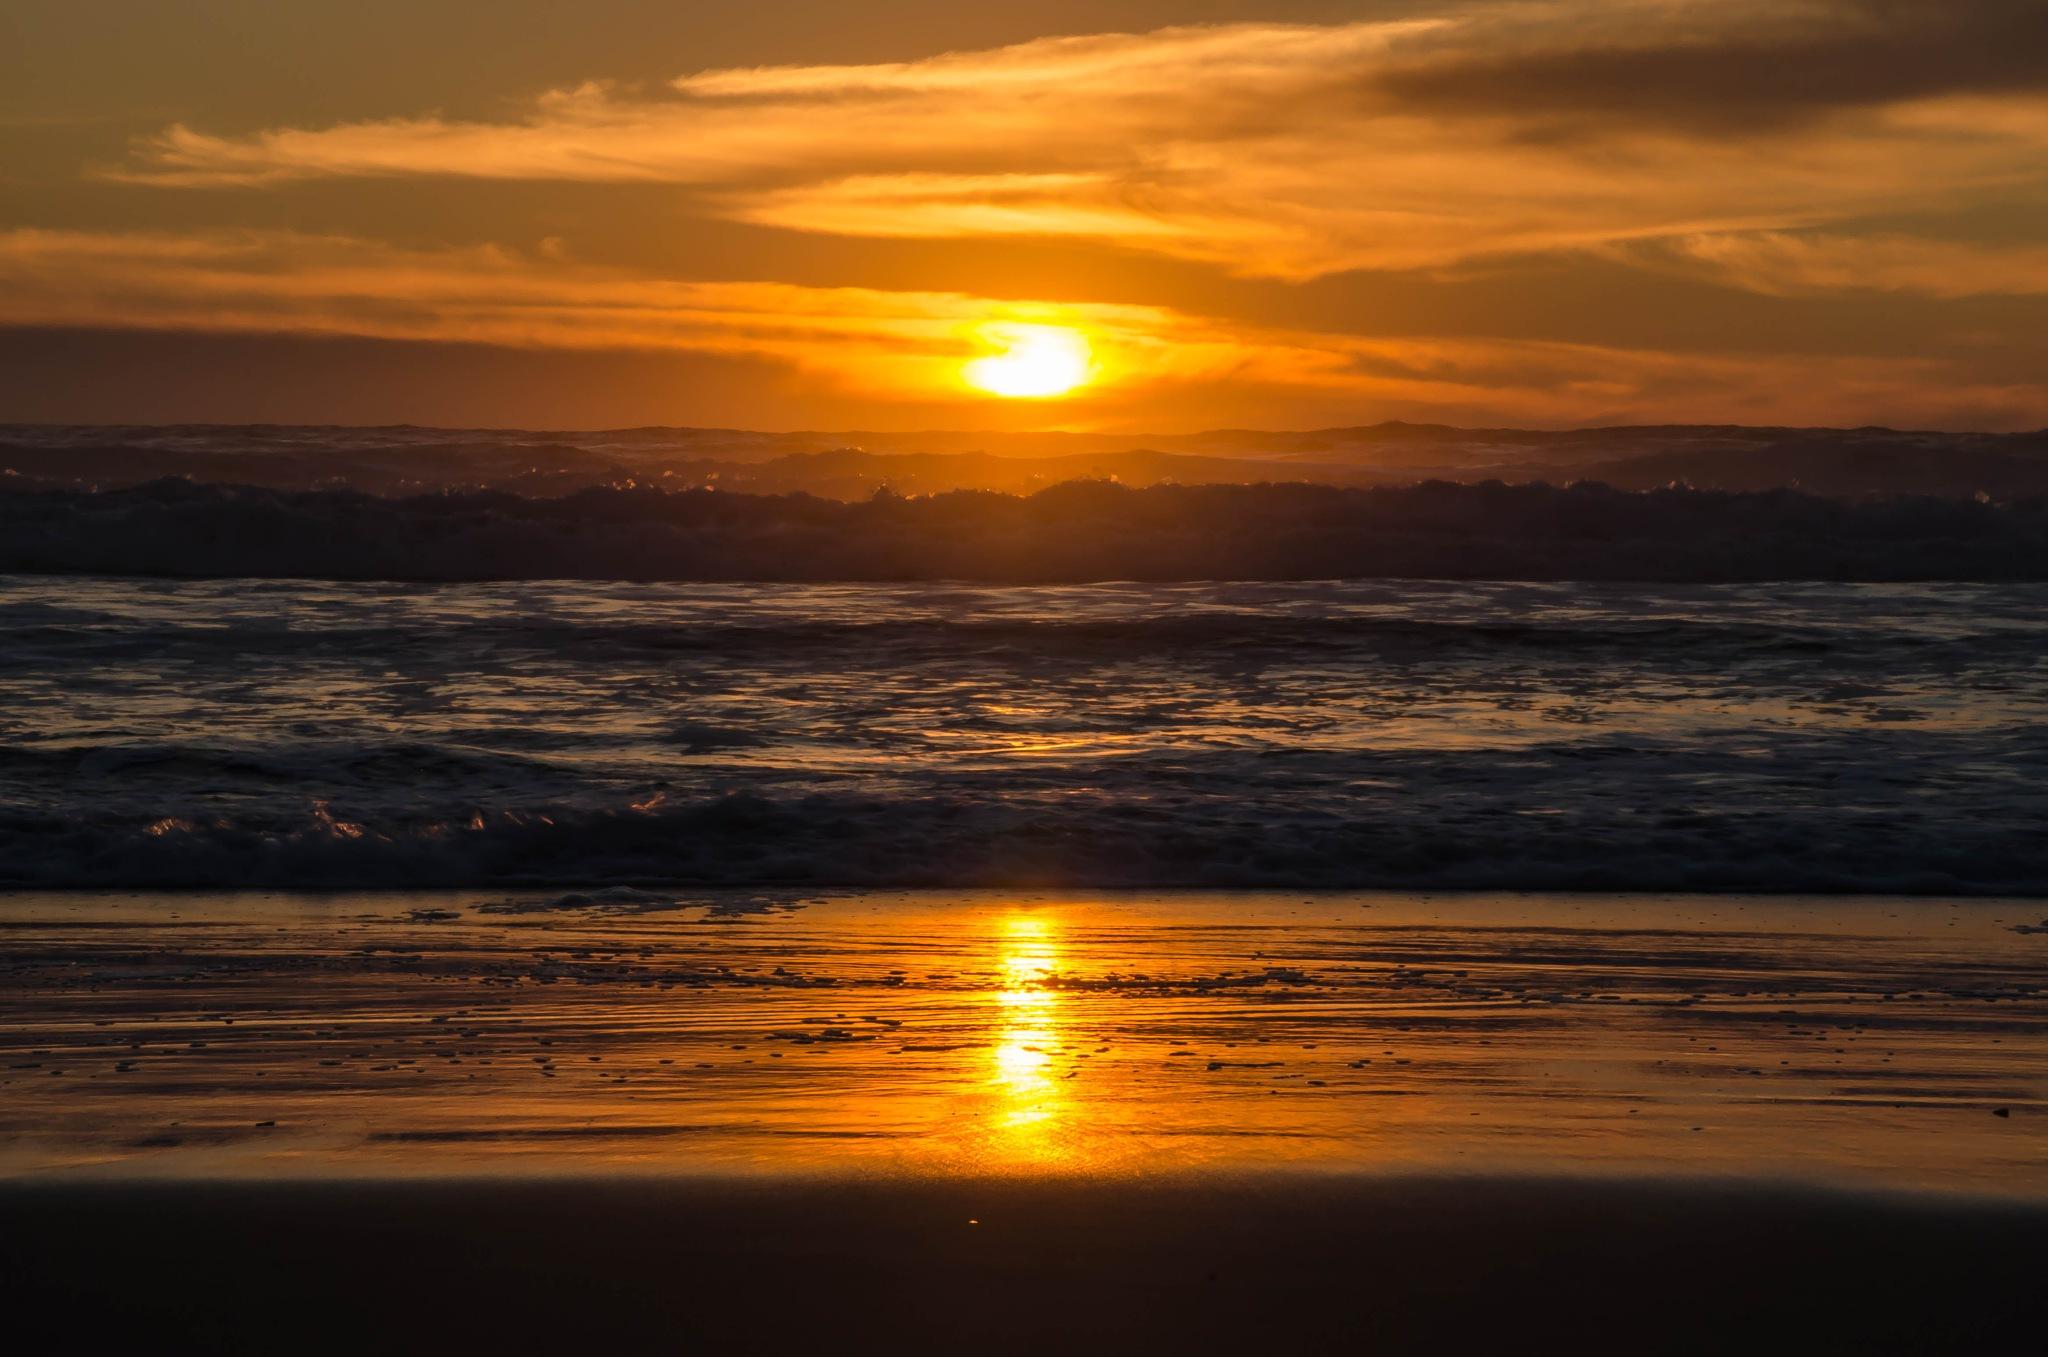 Sunset Biscarrosse Plage by Gilles Stastny